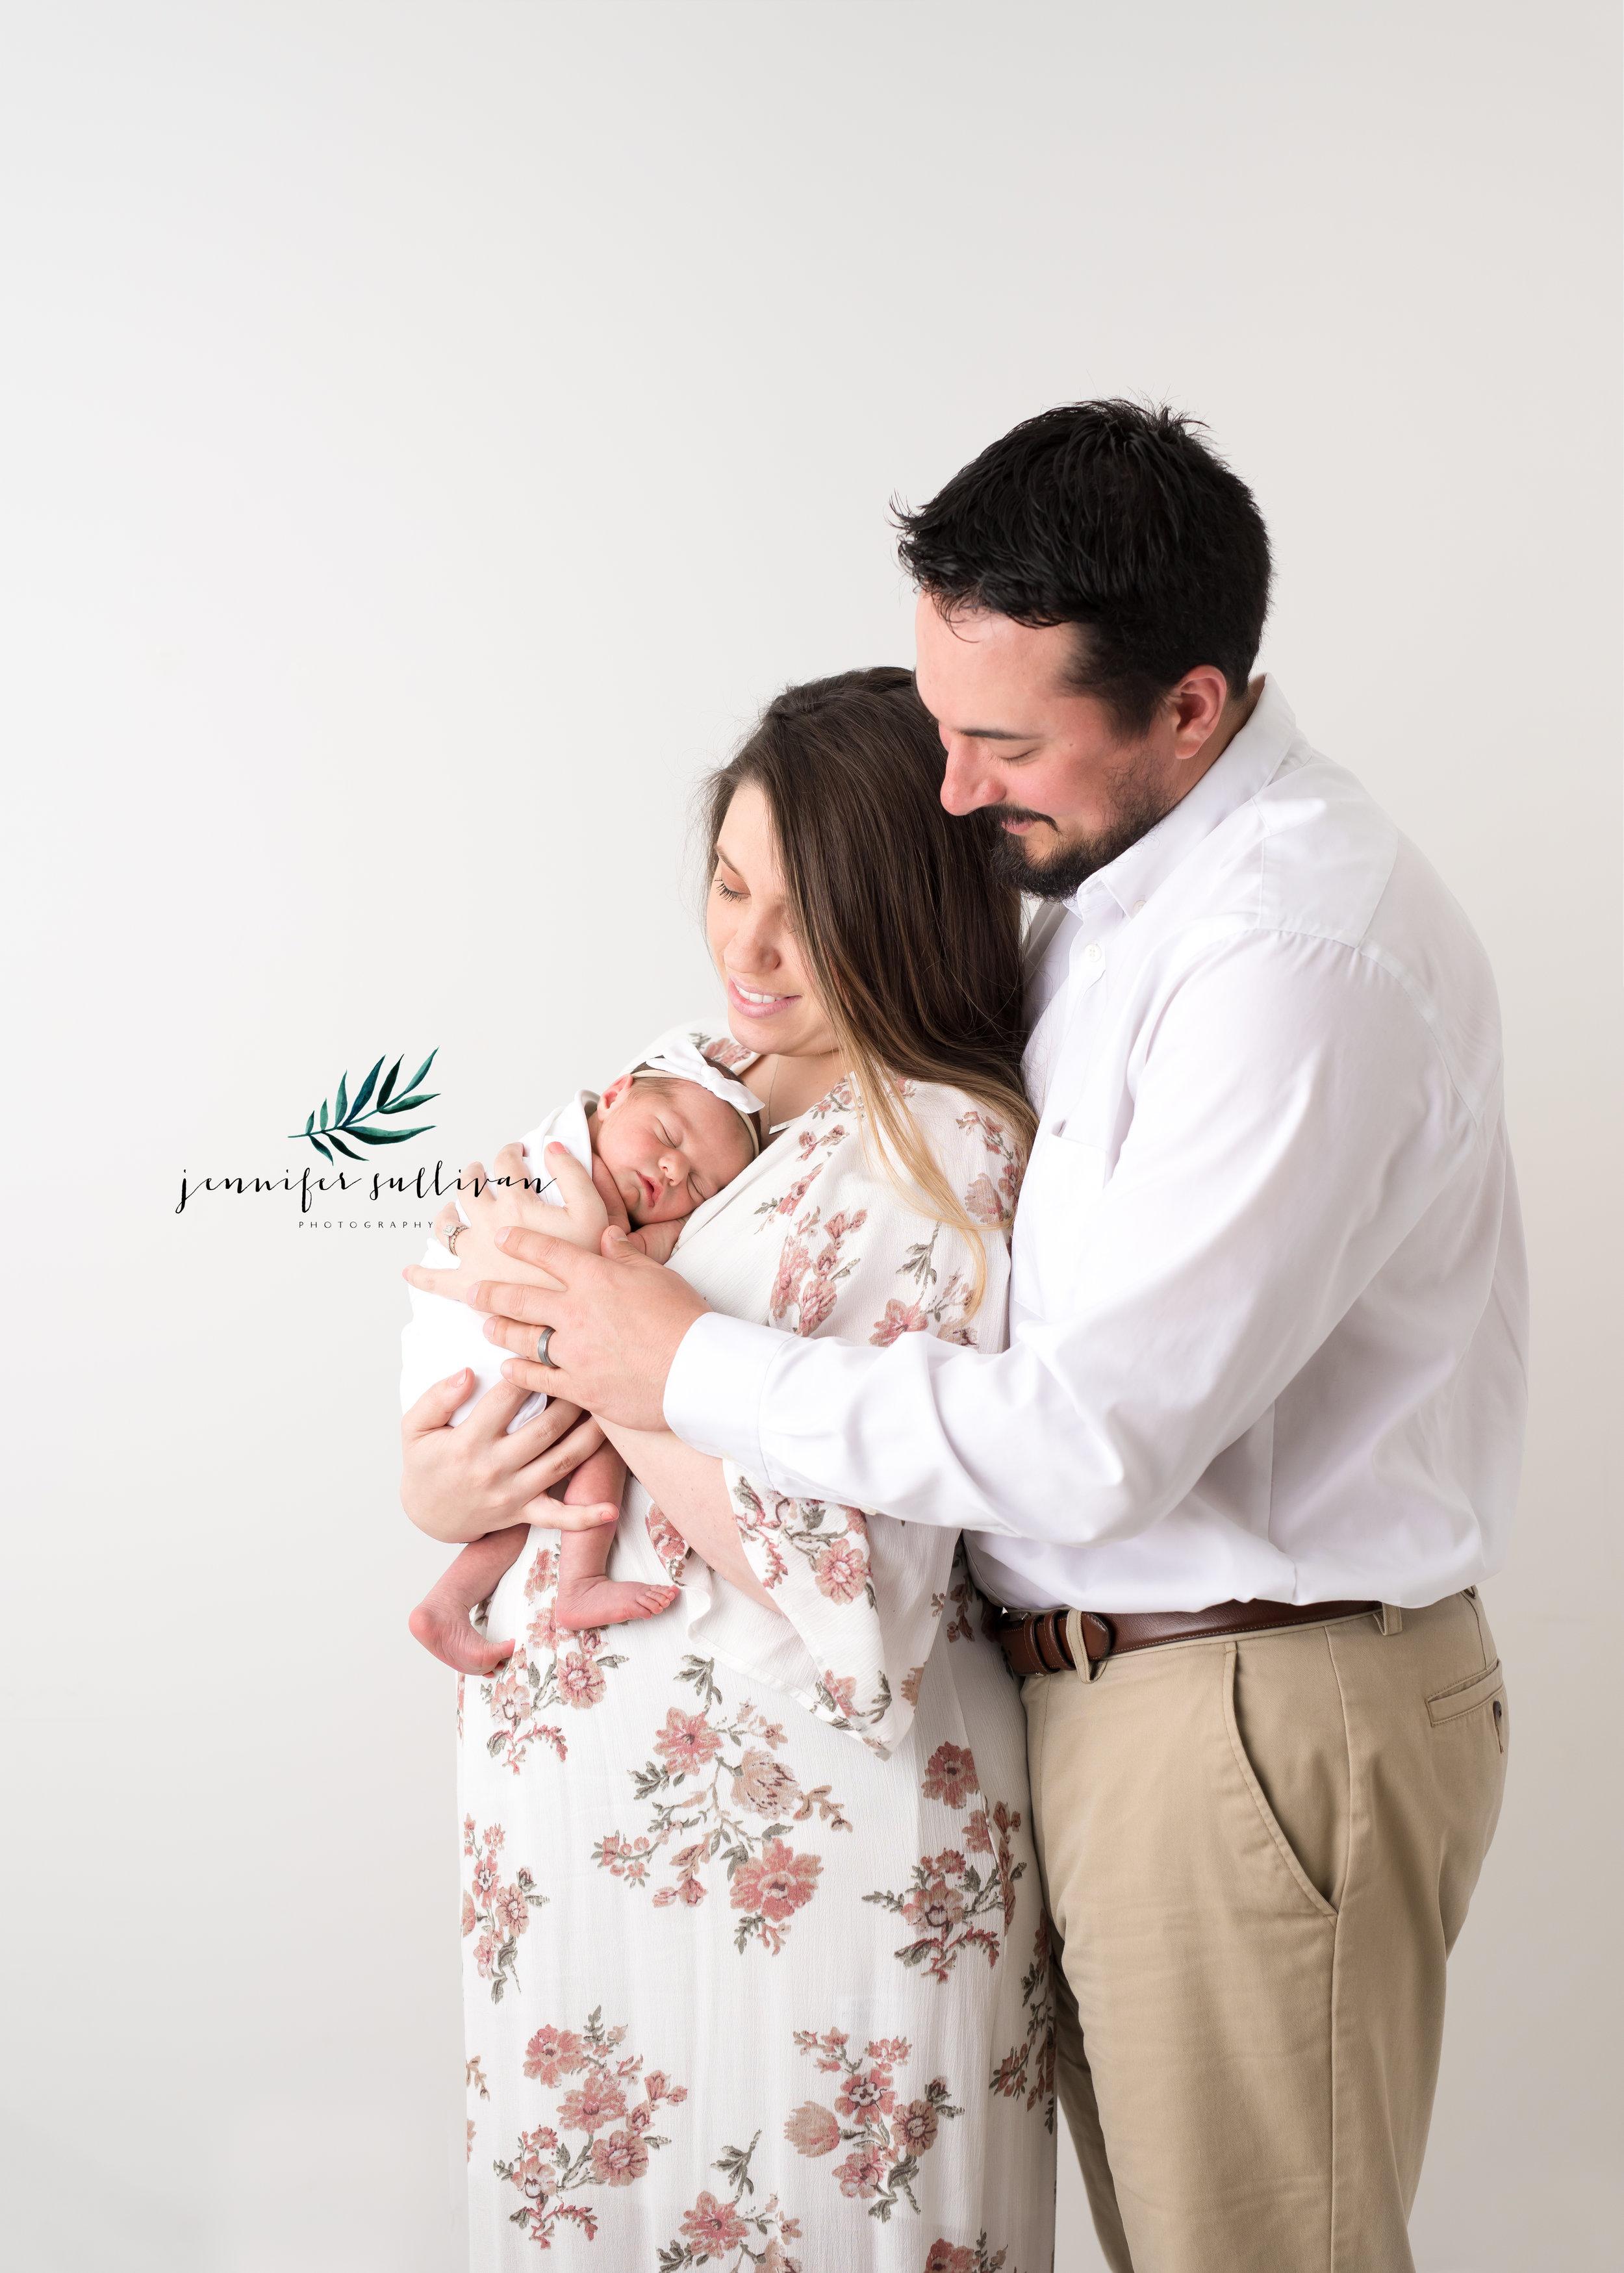 DARTMOUTH_Massachusetts_newborn_PHOTOGRAPHER-400-4.jpg